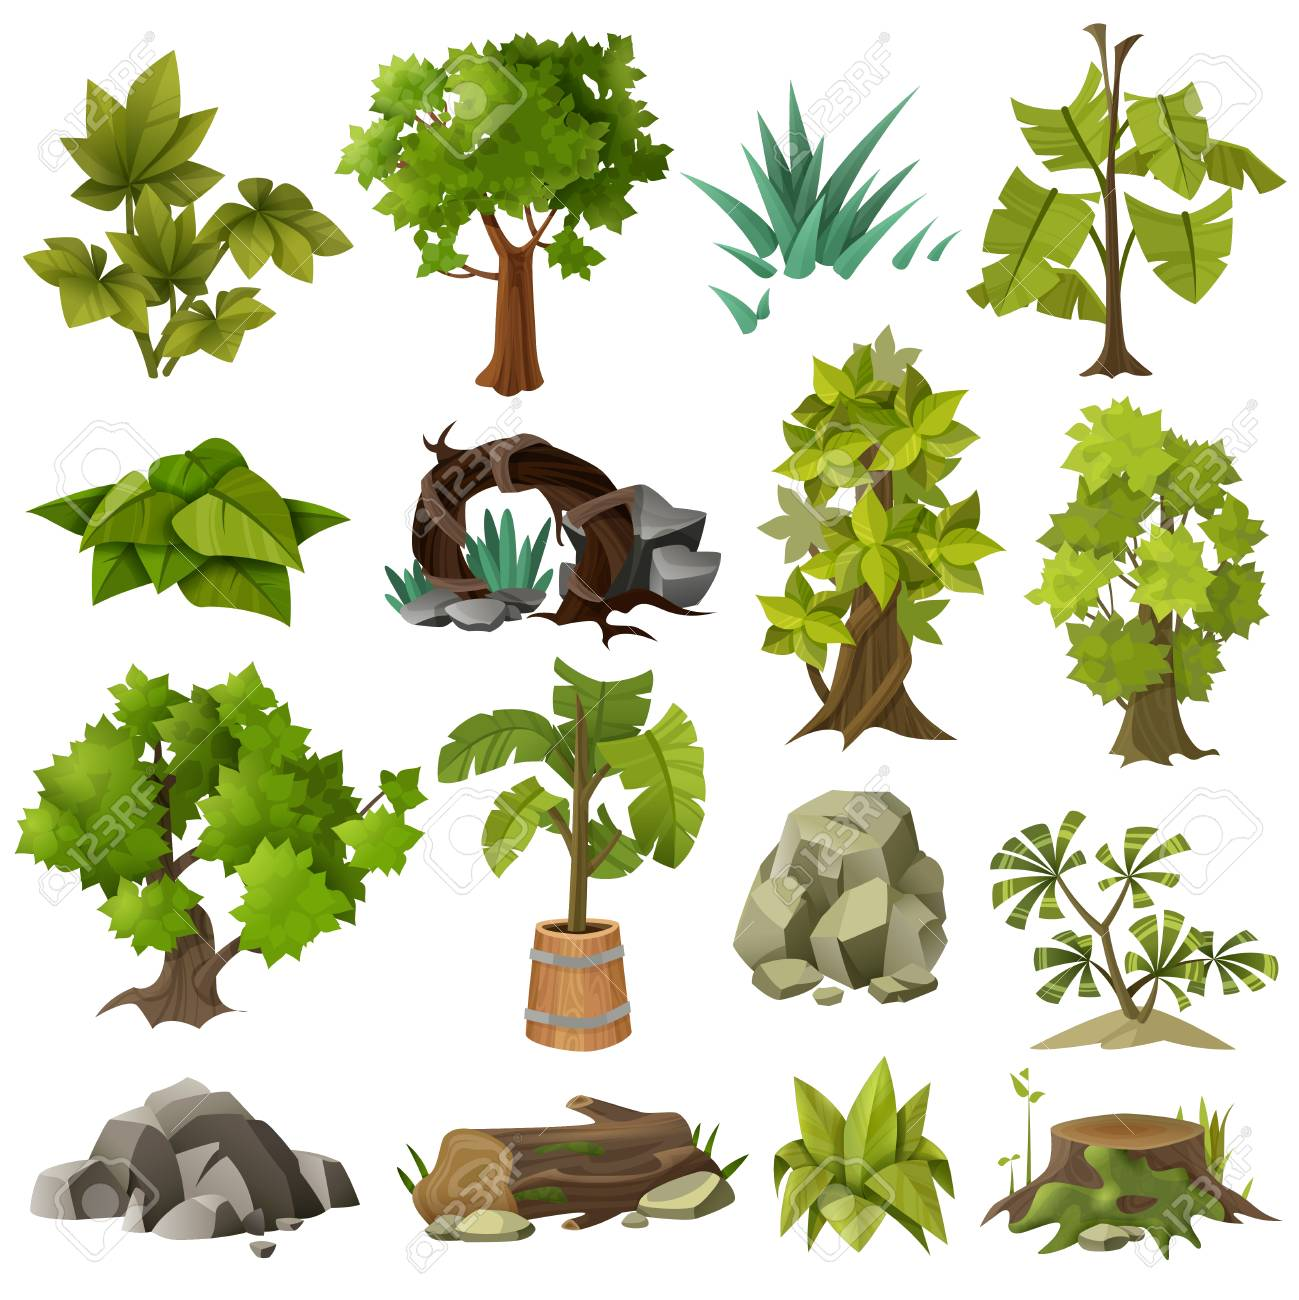 Arbres forestiers de plantes tropicales exotiques vertes et jardin paysager  moderne design éléments icônes collection illustration vectorielle isolé.